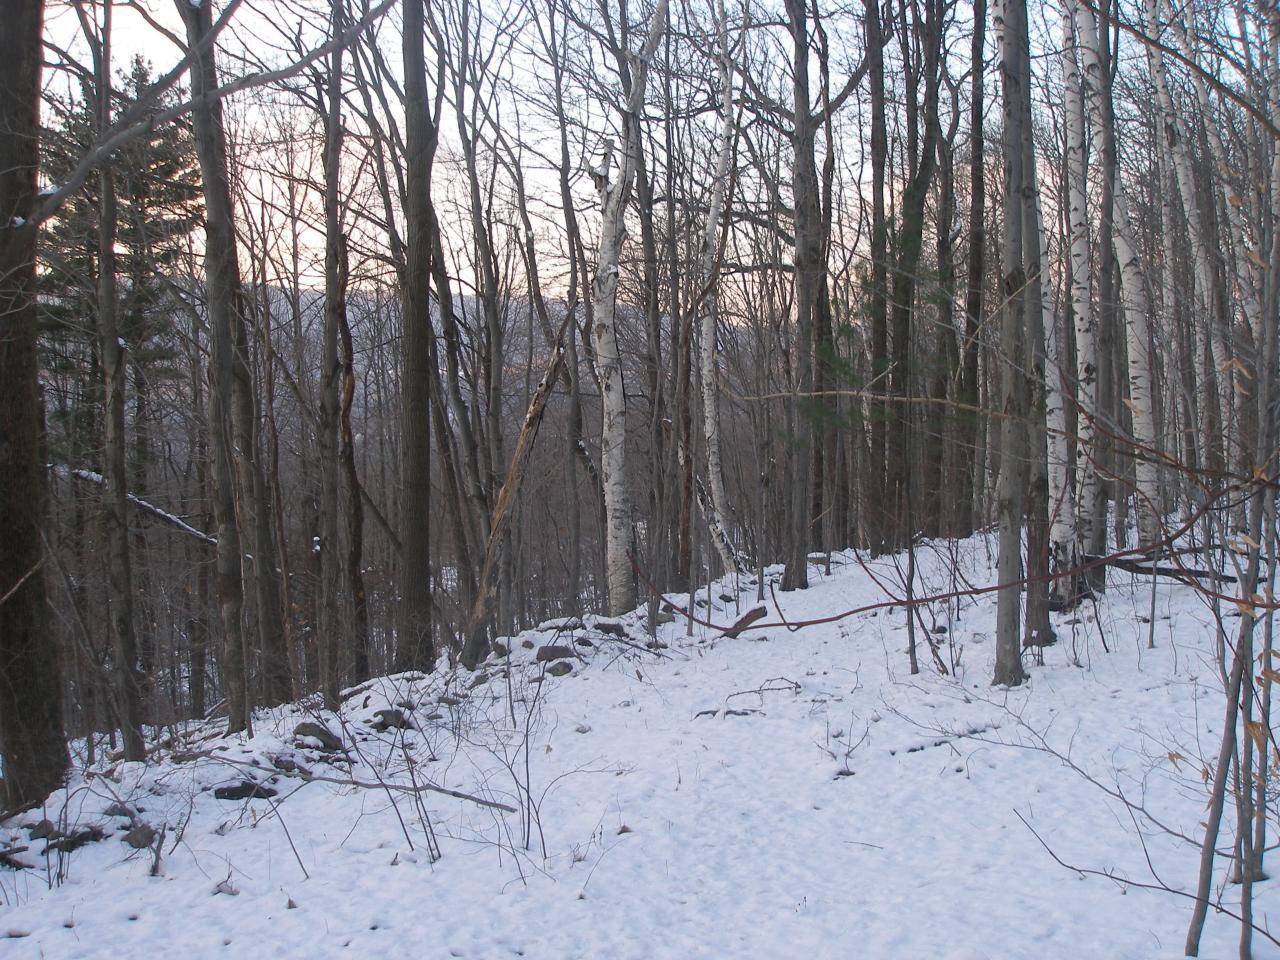 0 Oak, North Adams, Massachusetts 01247, ,Land,For Sale,Oak,233023